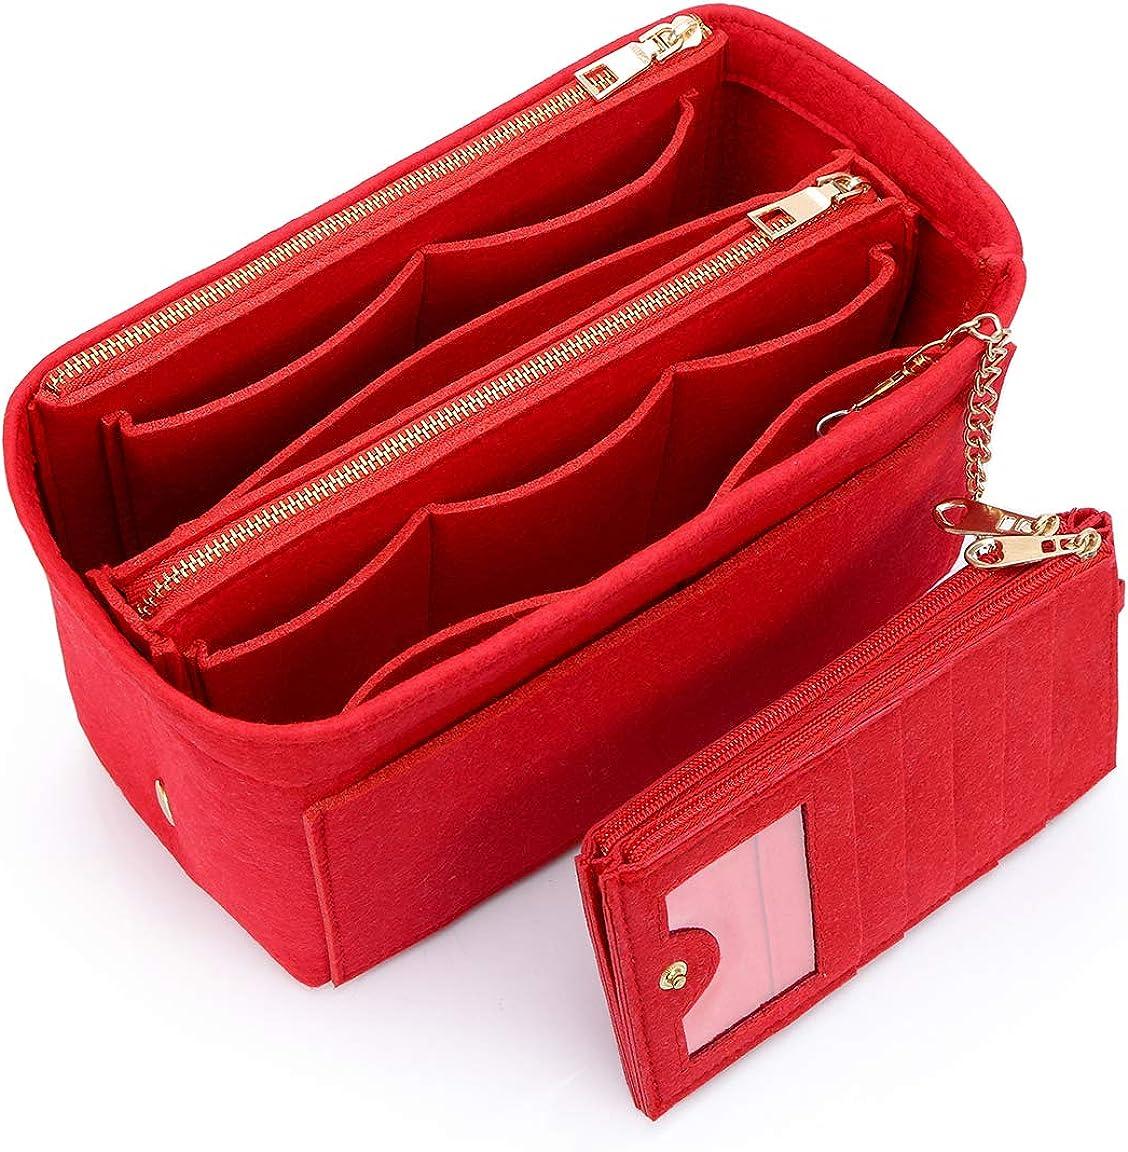 VANCORE バッグインバッグ 軽量 自立 Bag in Bag フェルト チャック付き 小さめ 大きめ バッグの中 整理 整頓 通勤 旅行 レッド